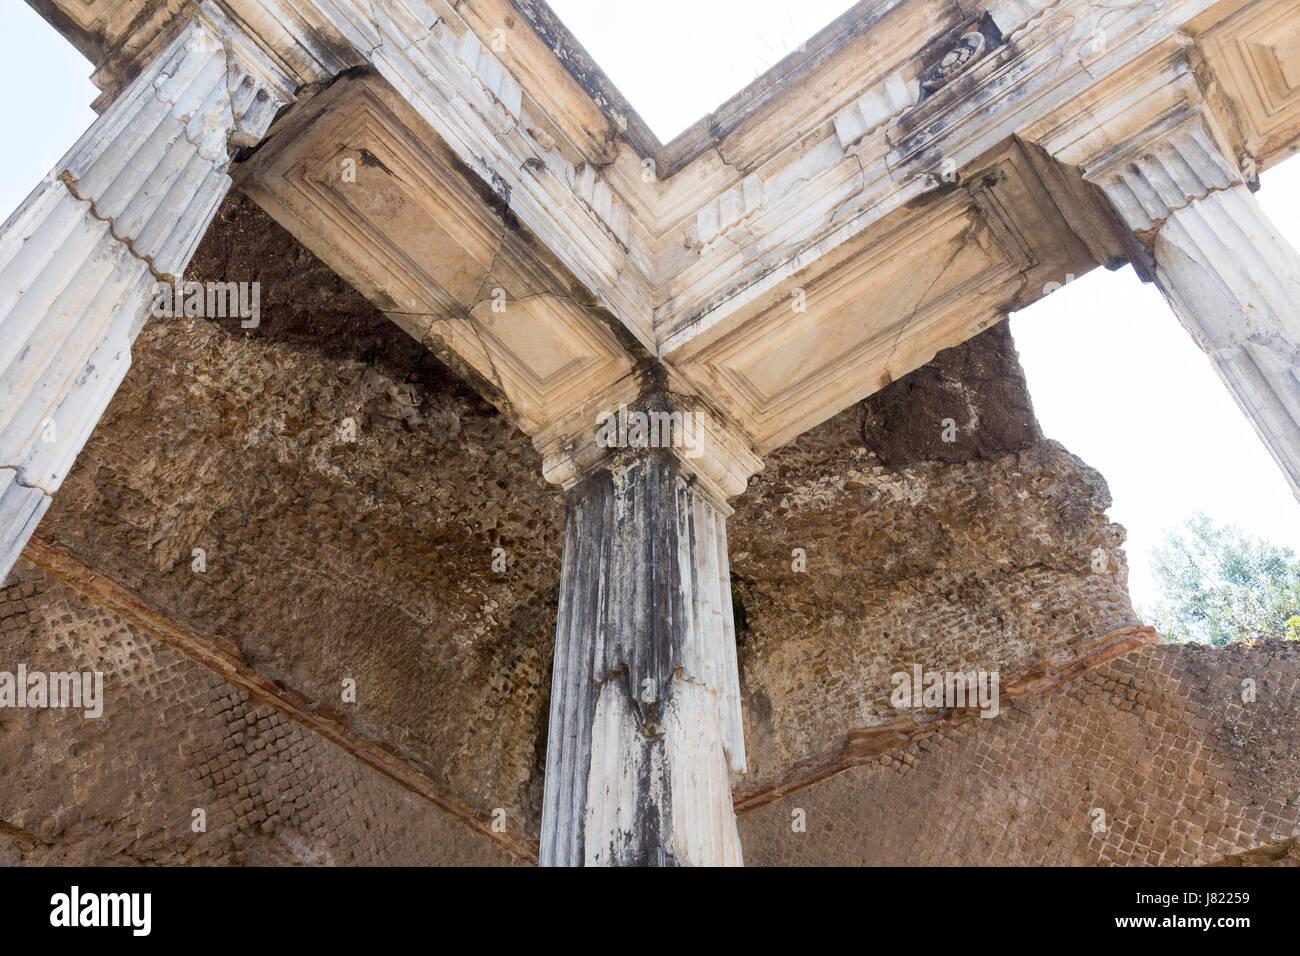 Hall with Doric pillars, Hadrian's Villa (Villa Adriana), Tivoli, Italy - Stock Image